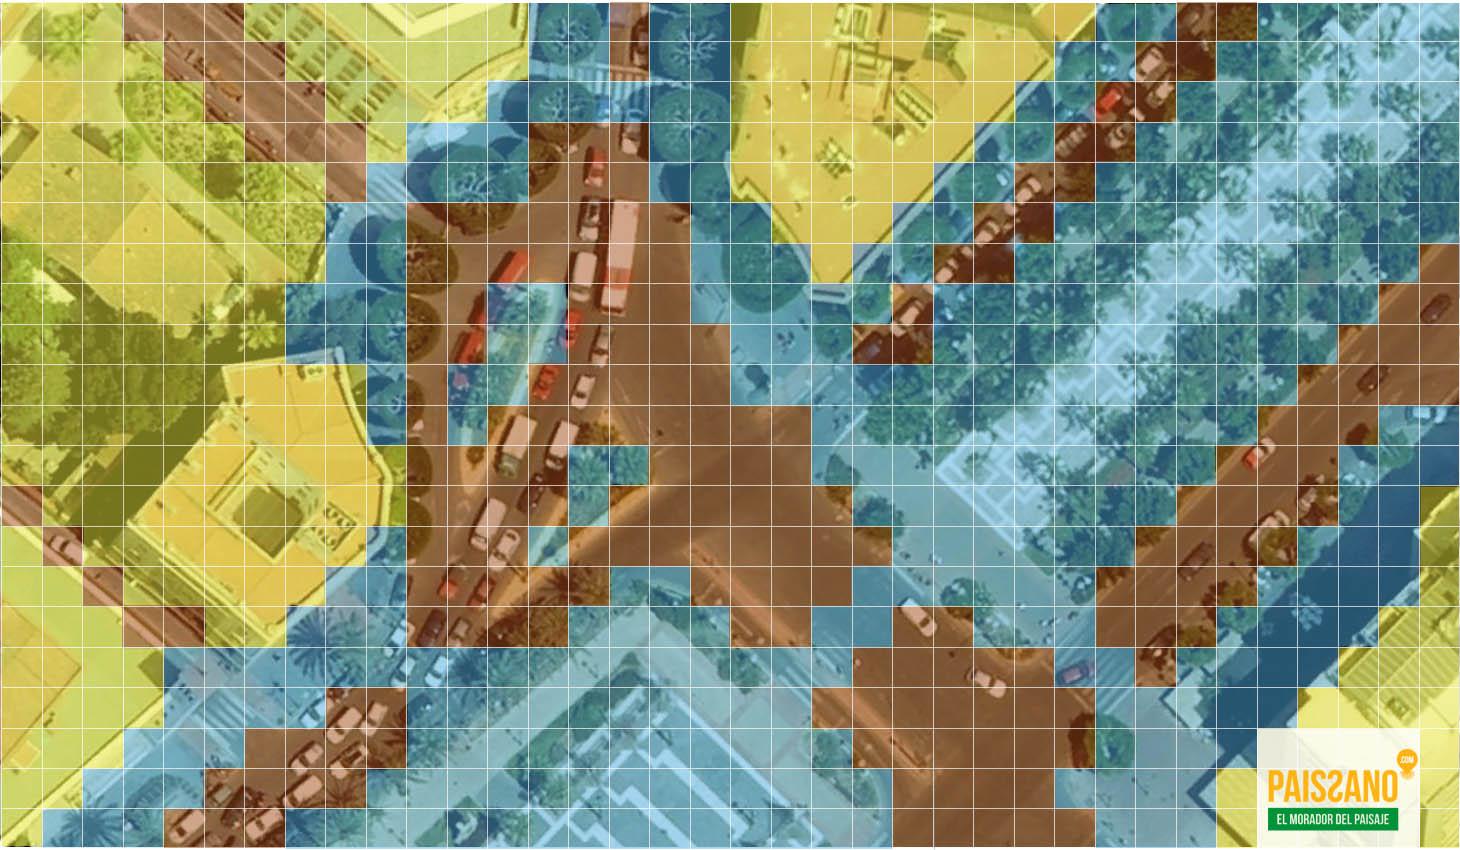 Analisis Encuentro Rambla con Paseo de Almeria